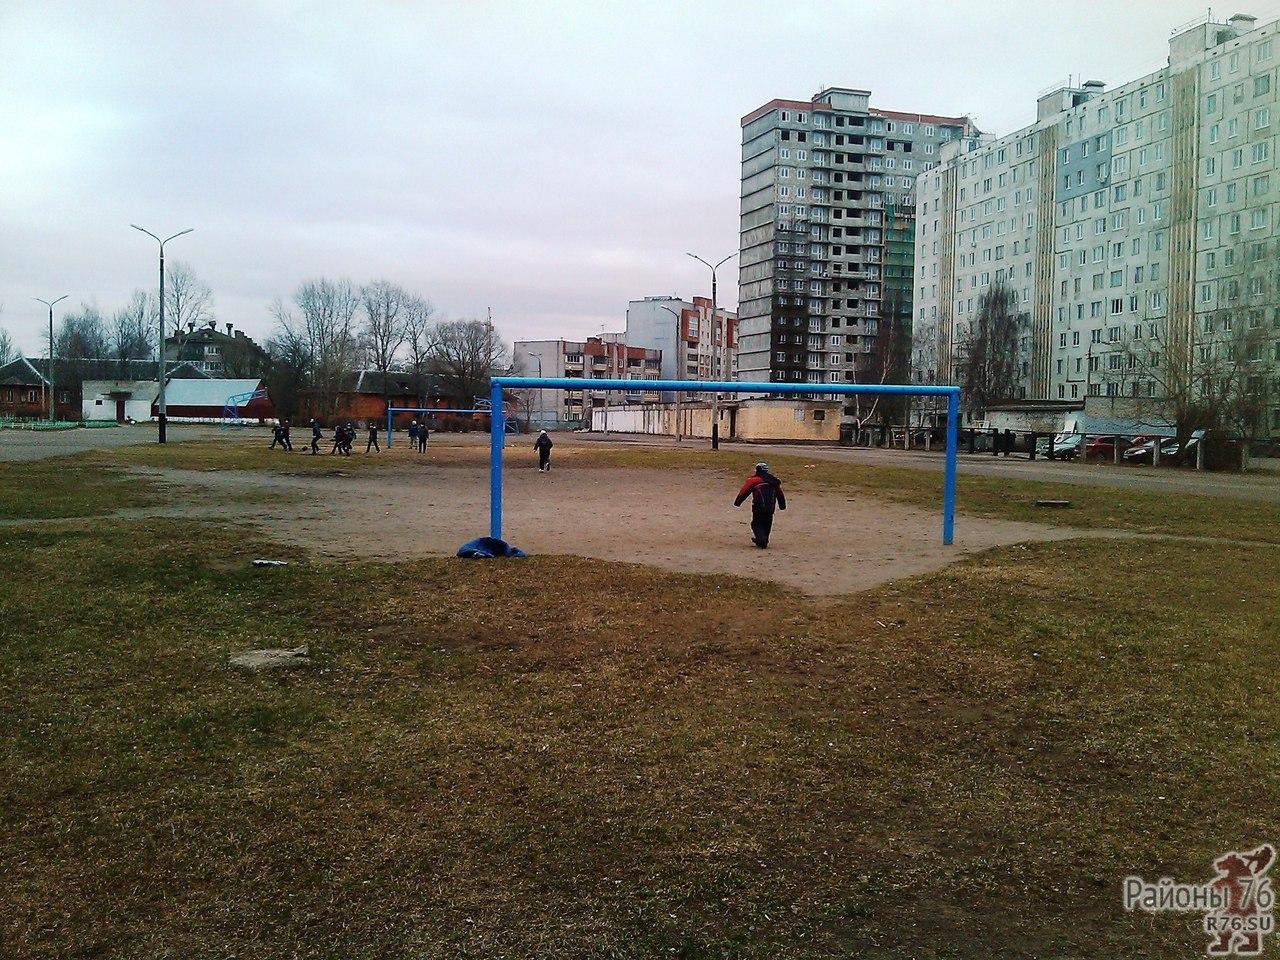 В социальных сетях пишут, что в Дядьково появился незнакомец, который выискивает детей